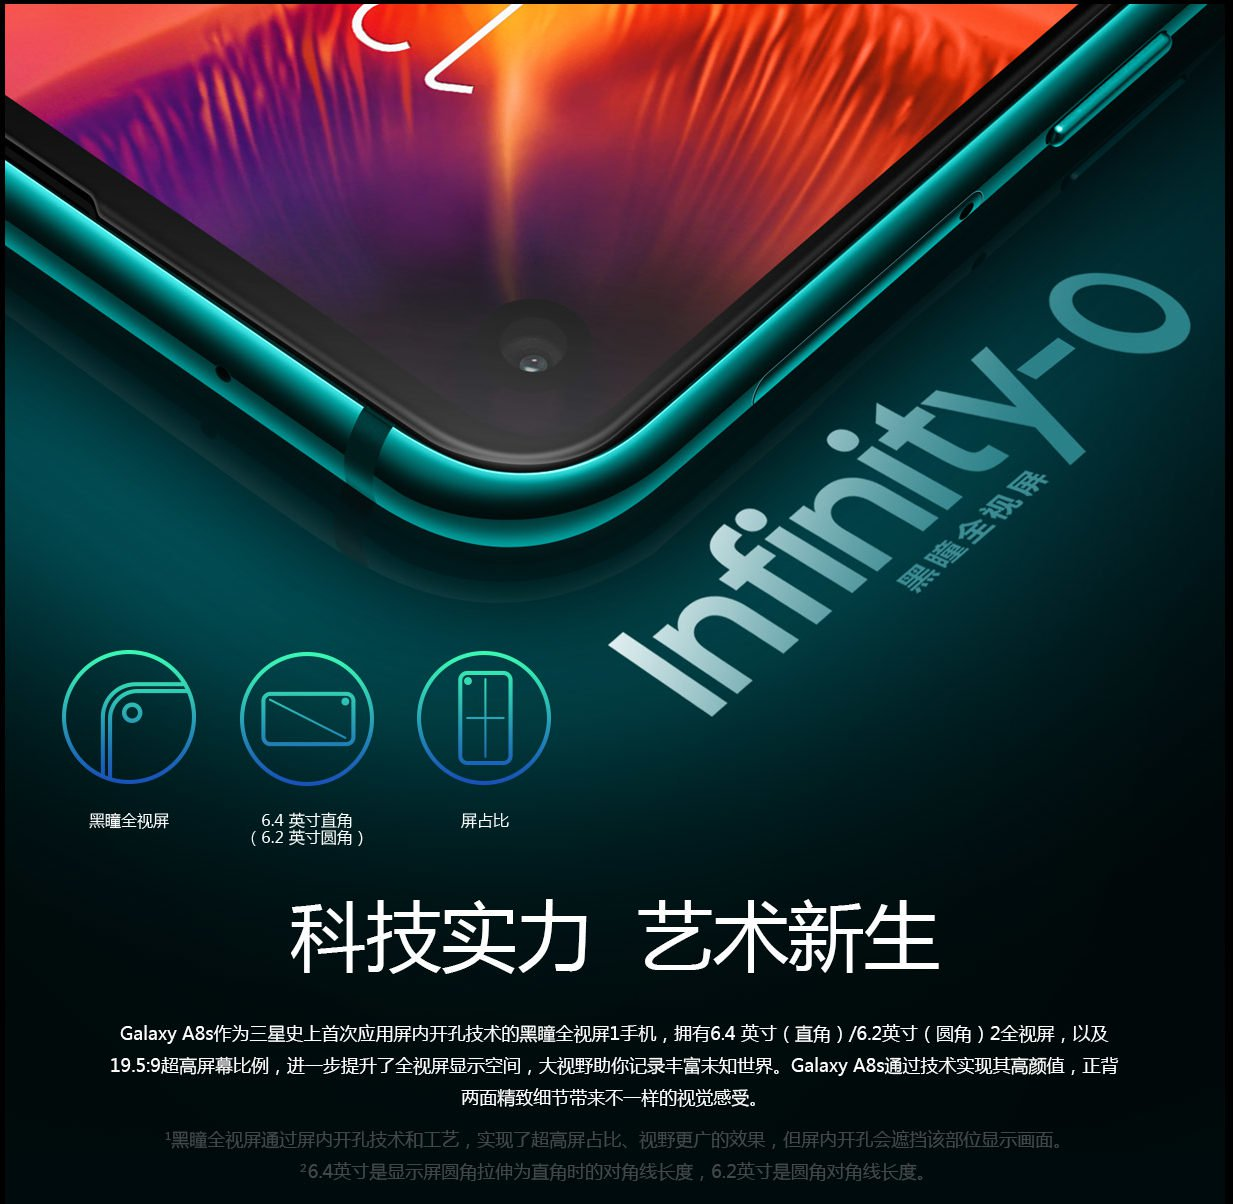 Galaxy-A8s-Infinity-O-e1544435024871